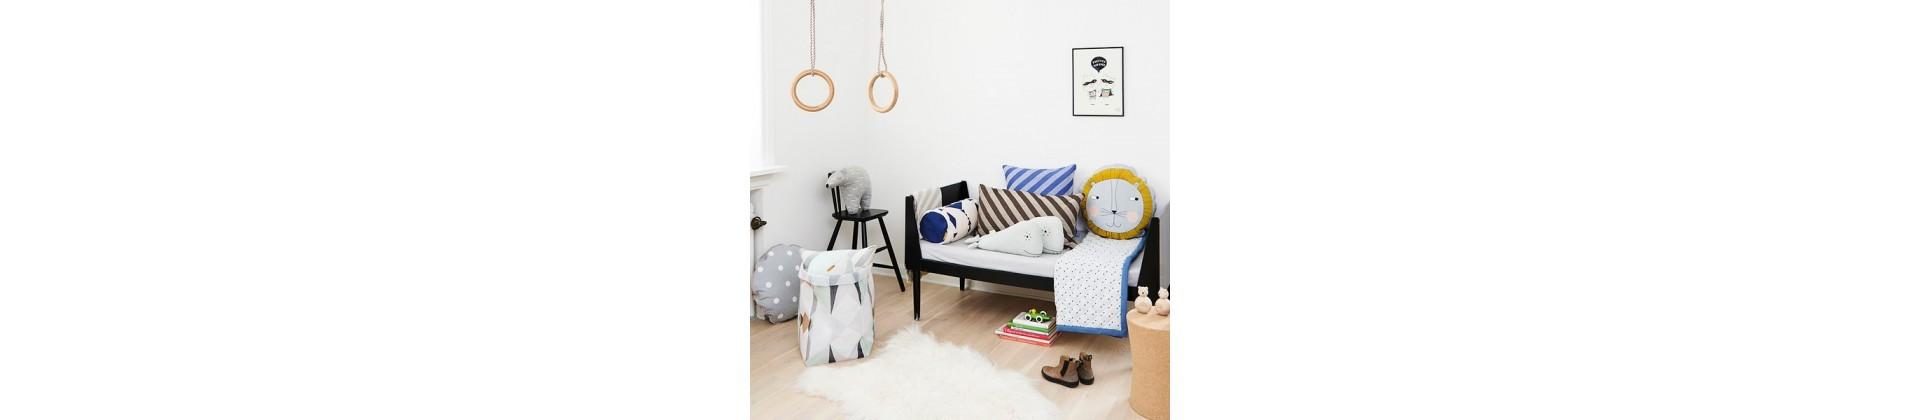 coussins et poufs chambre enfant design achat vente. Black Bedroom Furniture Sets. Home Design Ideas